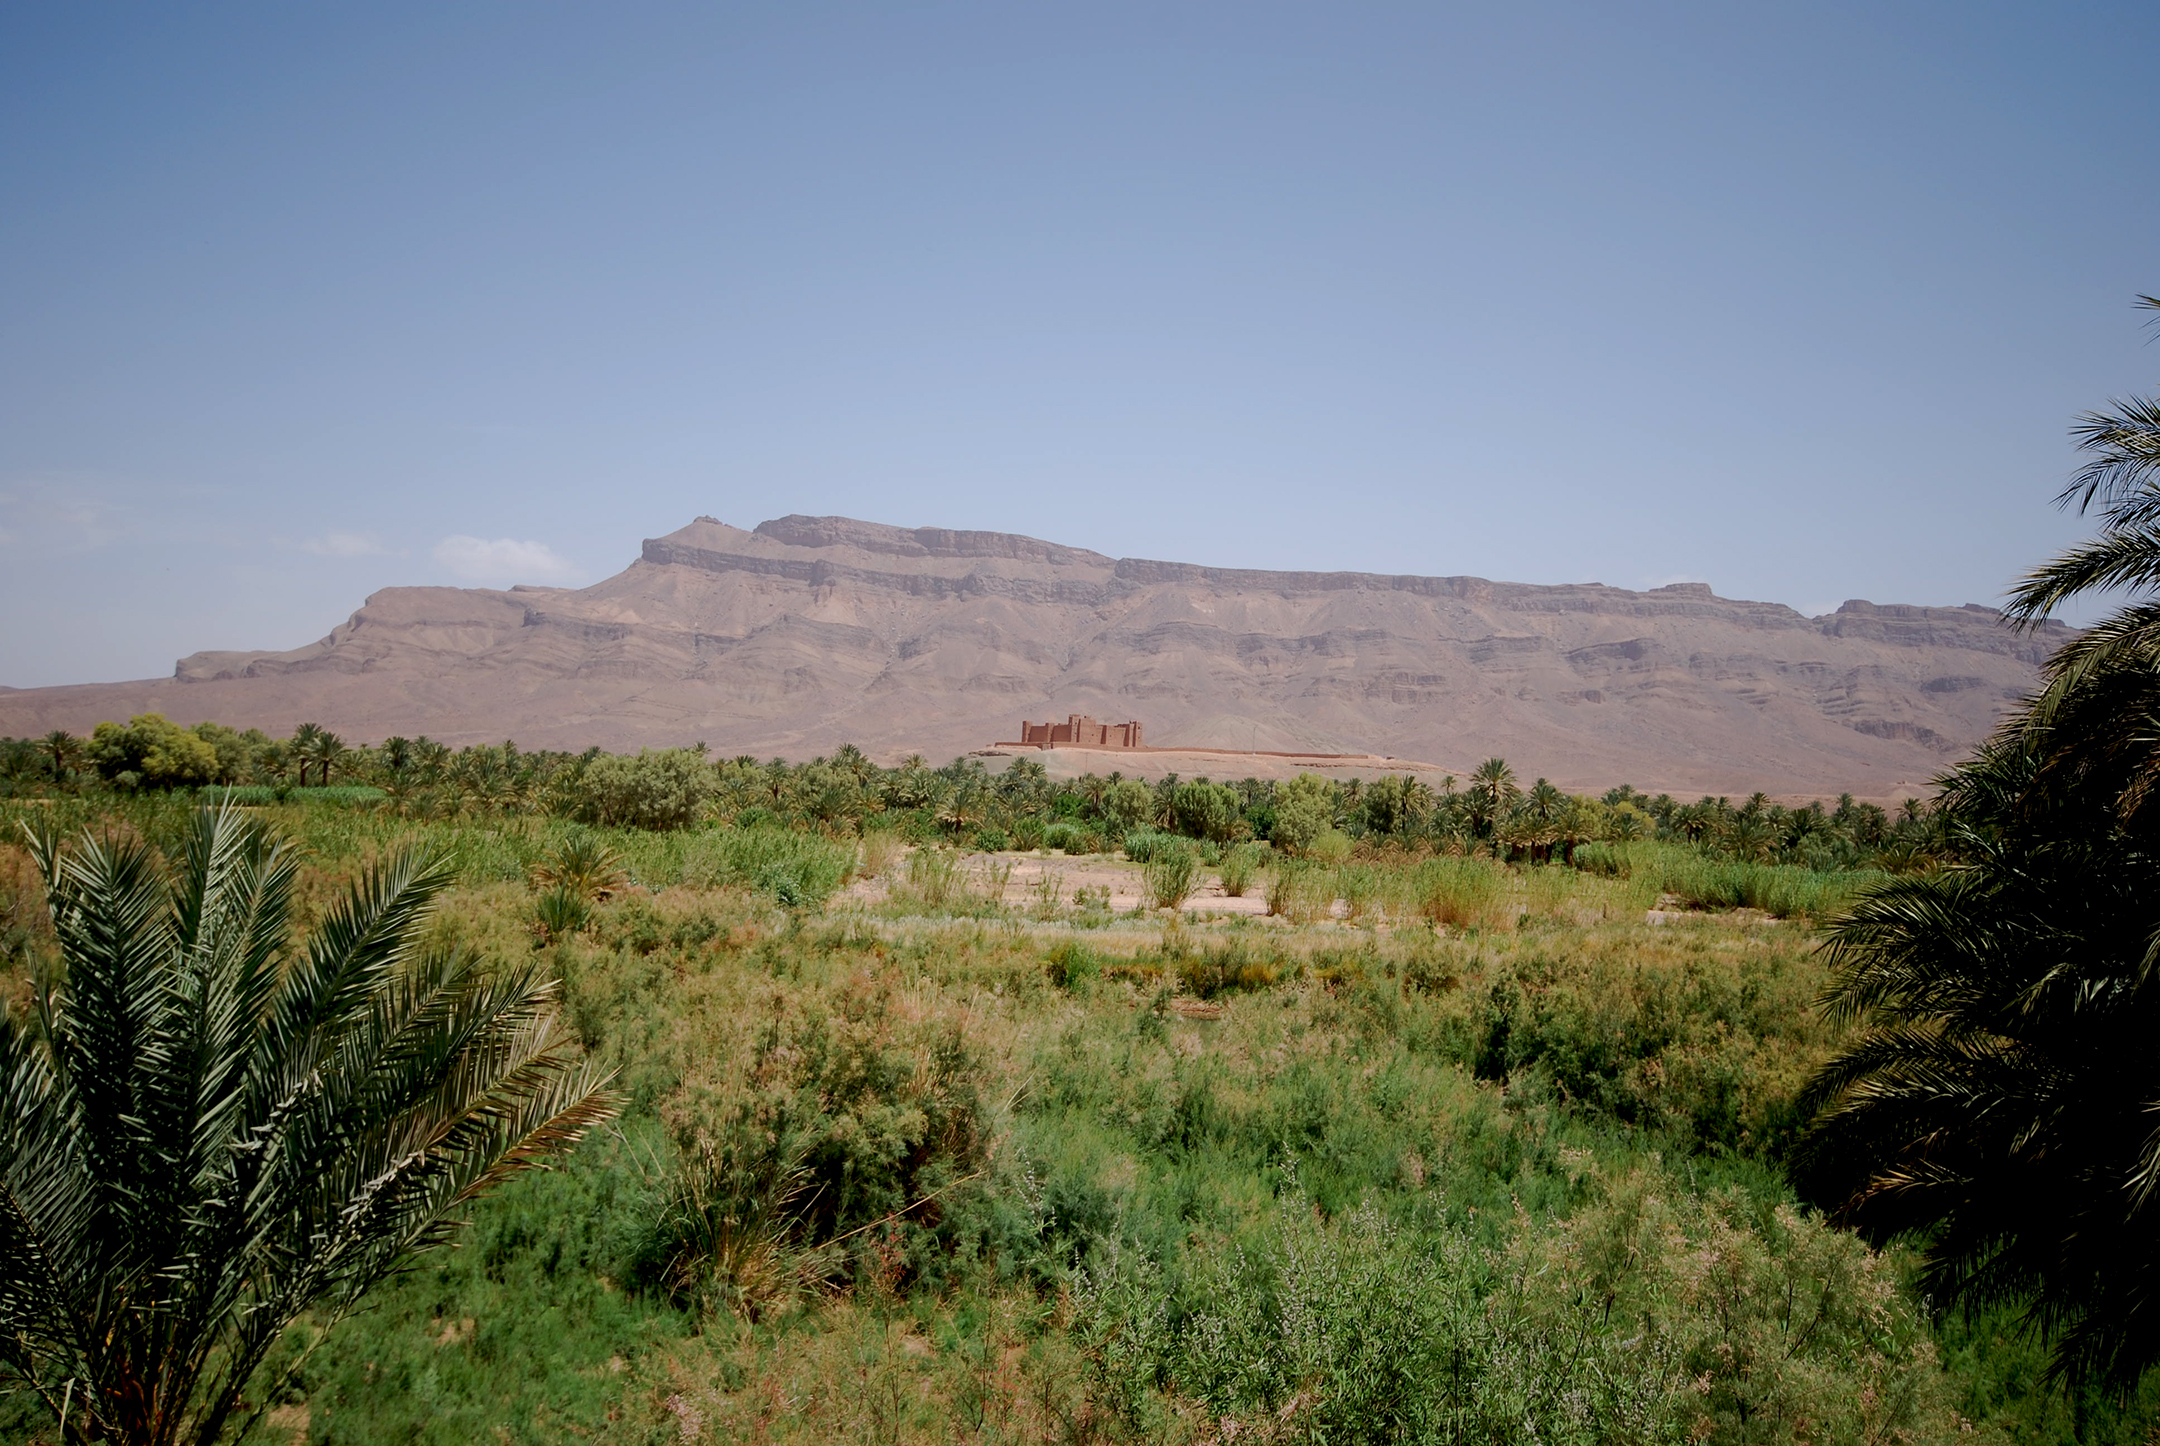 Atlas Mountains / Morocco